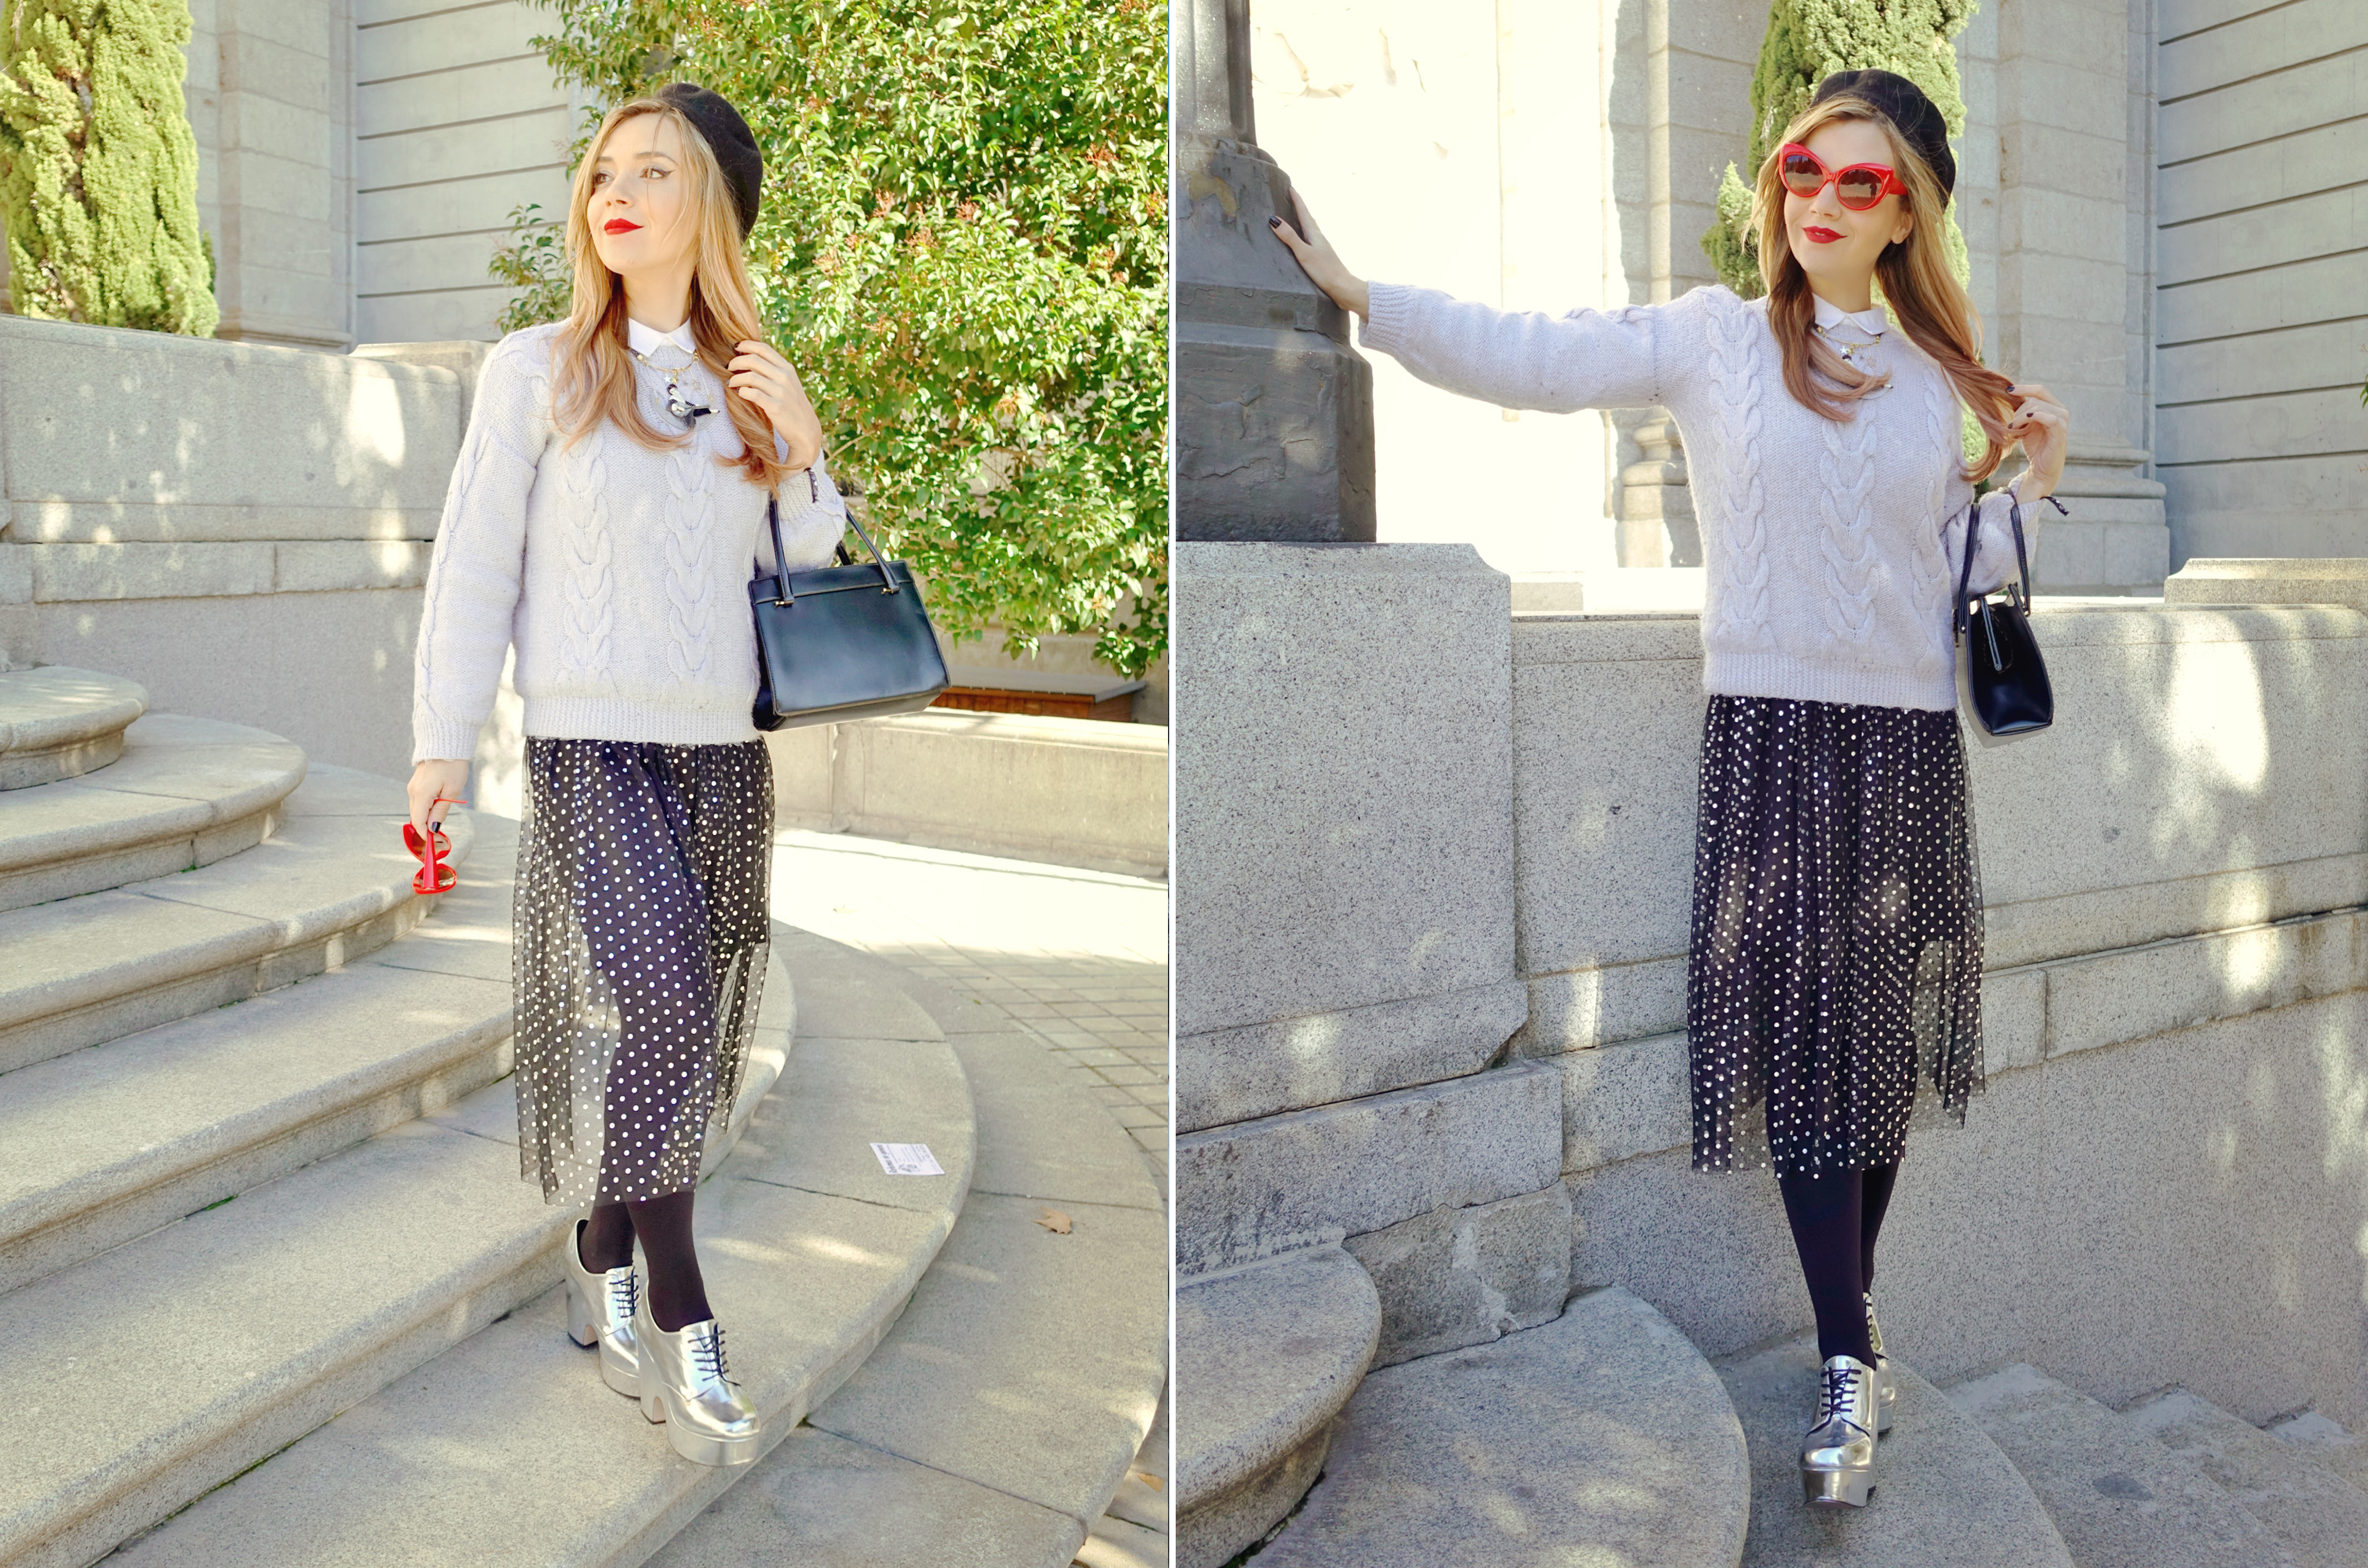 Blog-de-moda-ChicAdicta-fashionista-influencer-vestido-de-lunares-Primark-laliblue-accesorios-Madrid-PiensaenChic-Chic-Adicta-Piensa-en-Chic